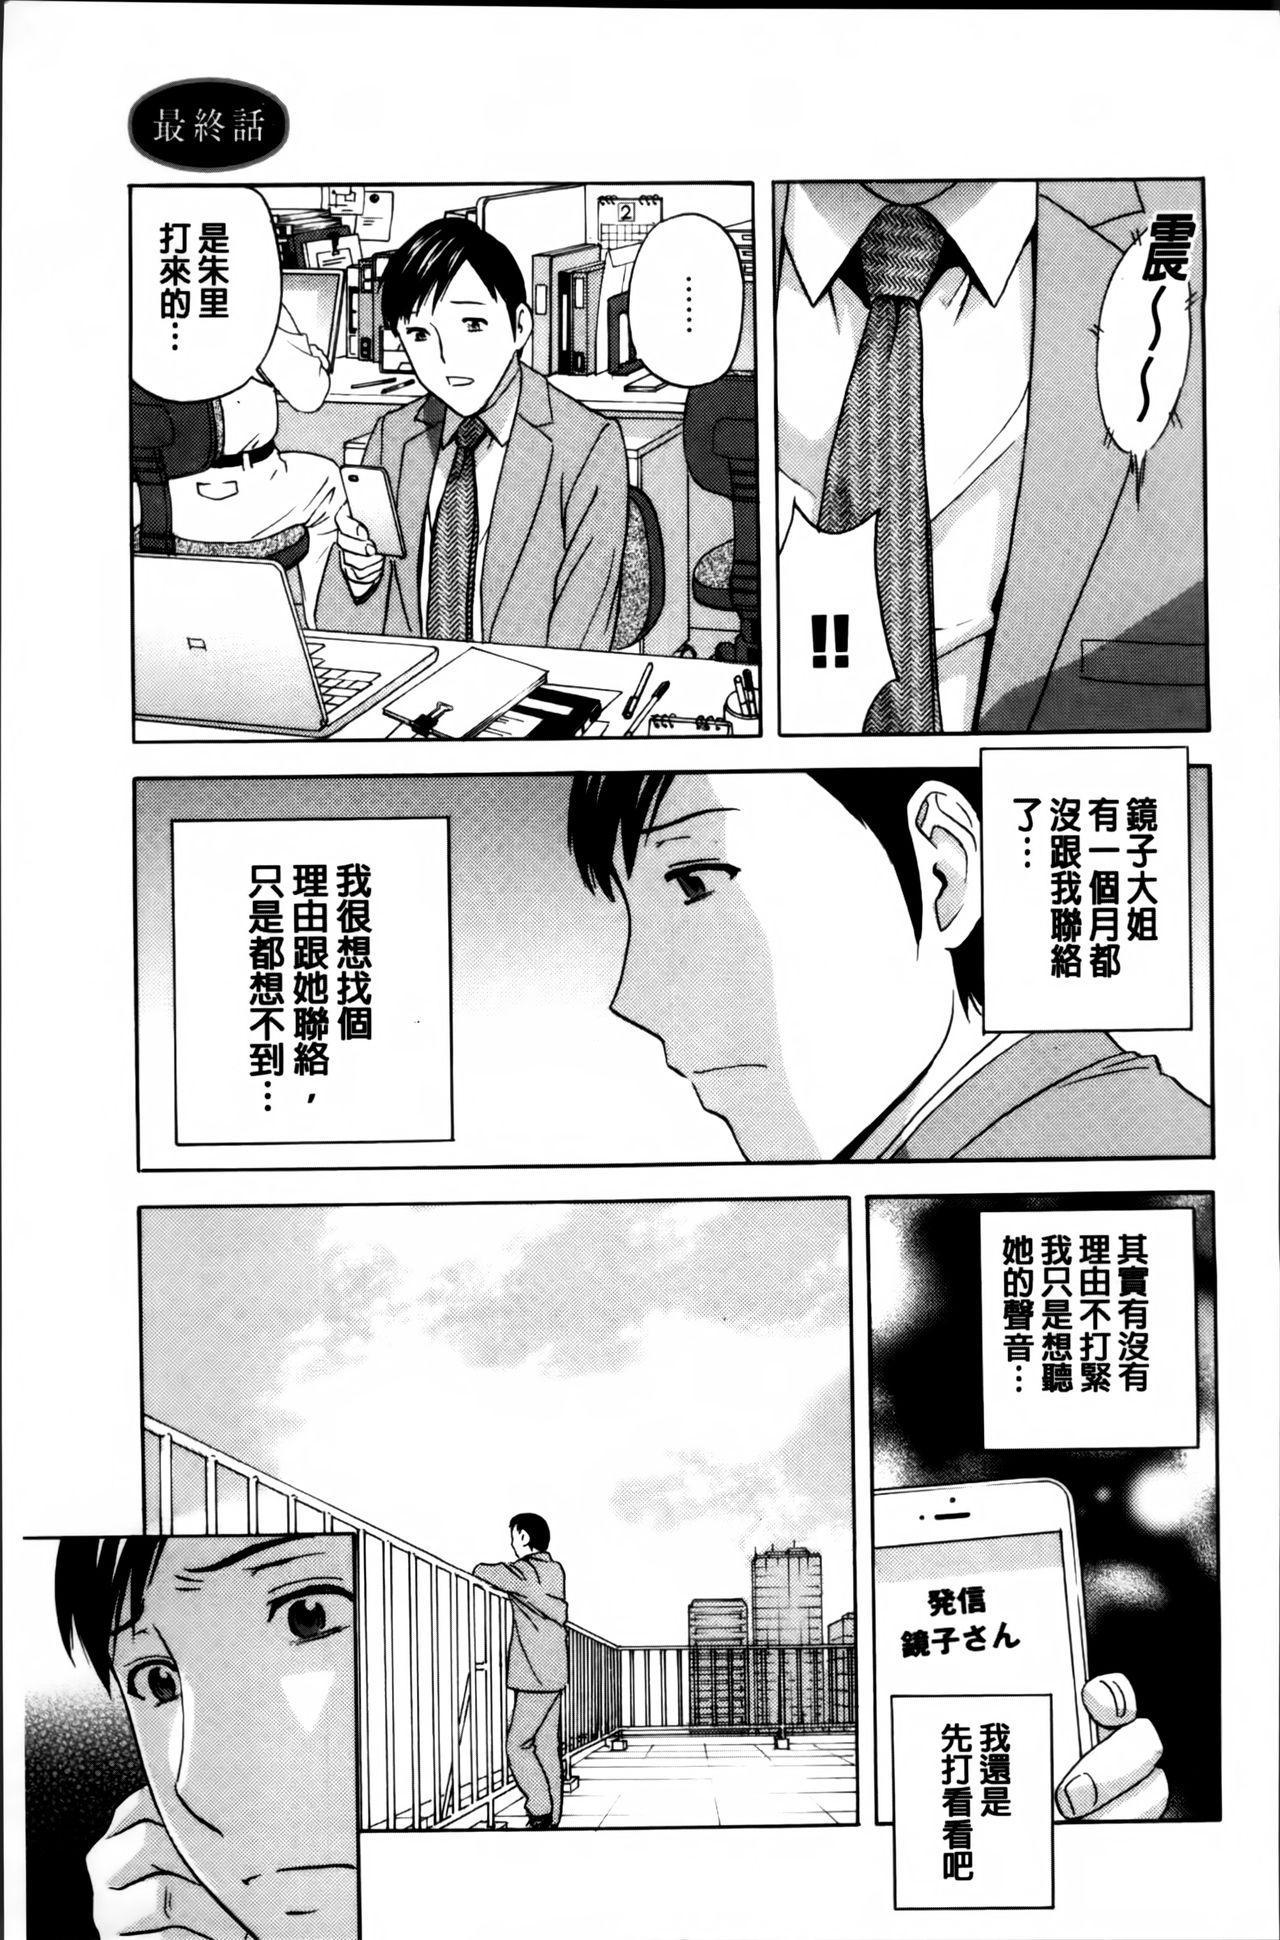 Midara Shimai Asobi 183